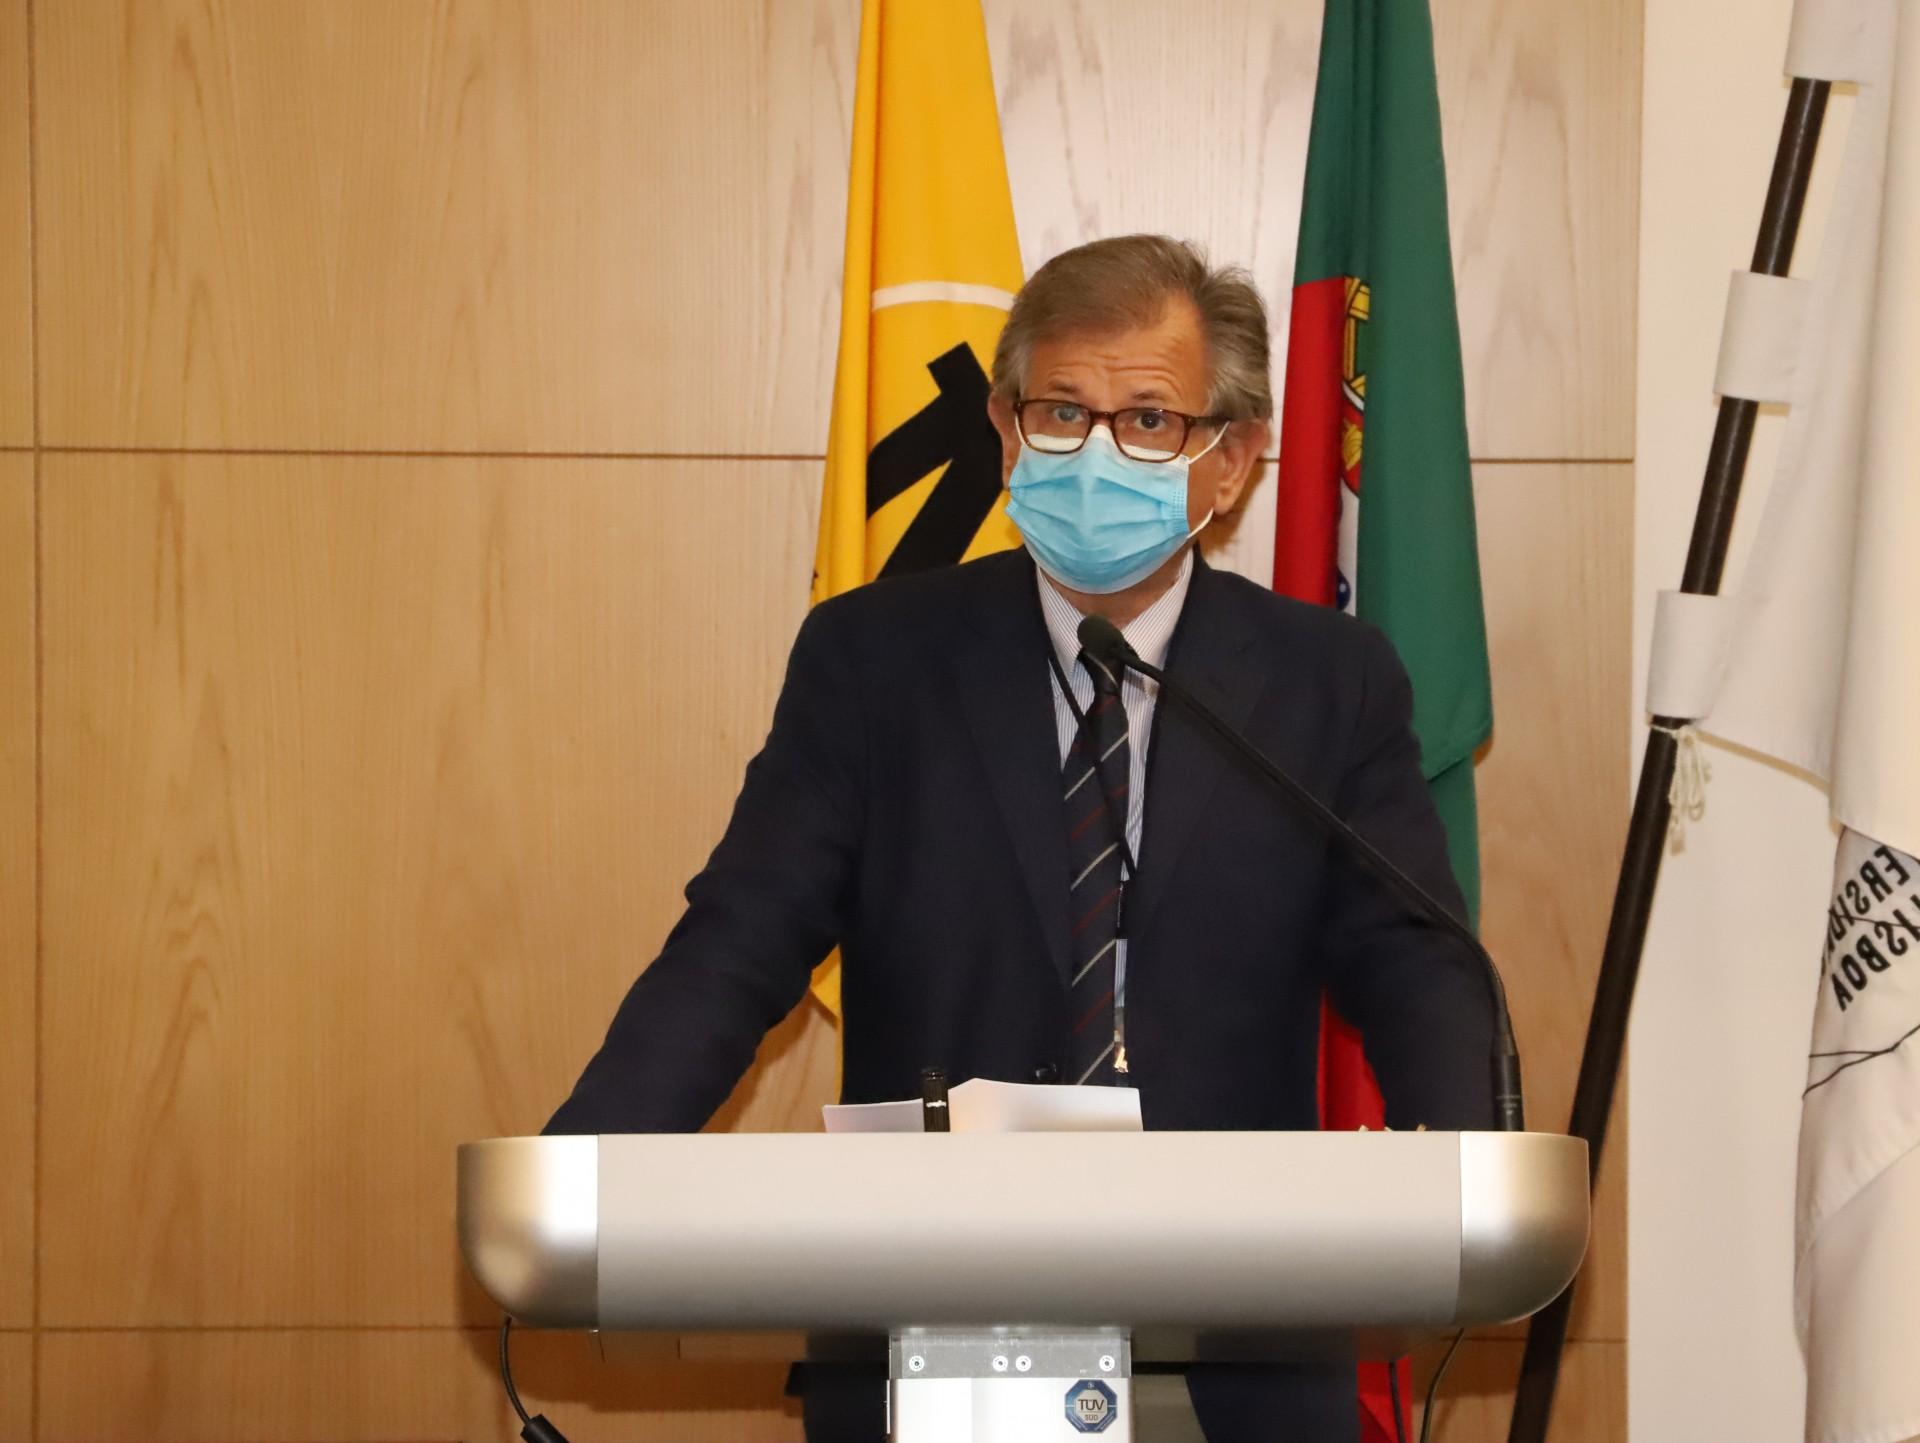 Homem de máscara e fato a discursar